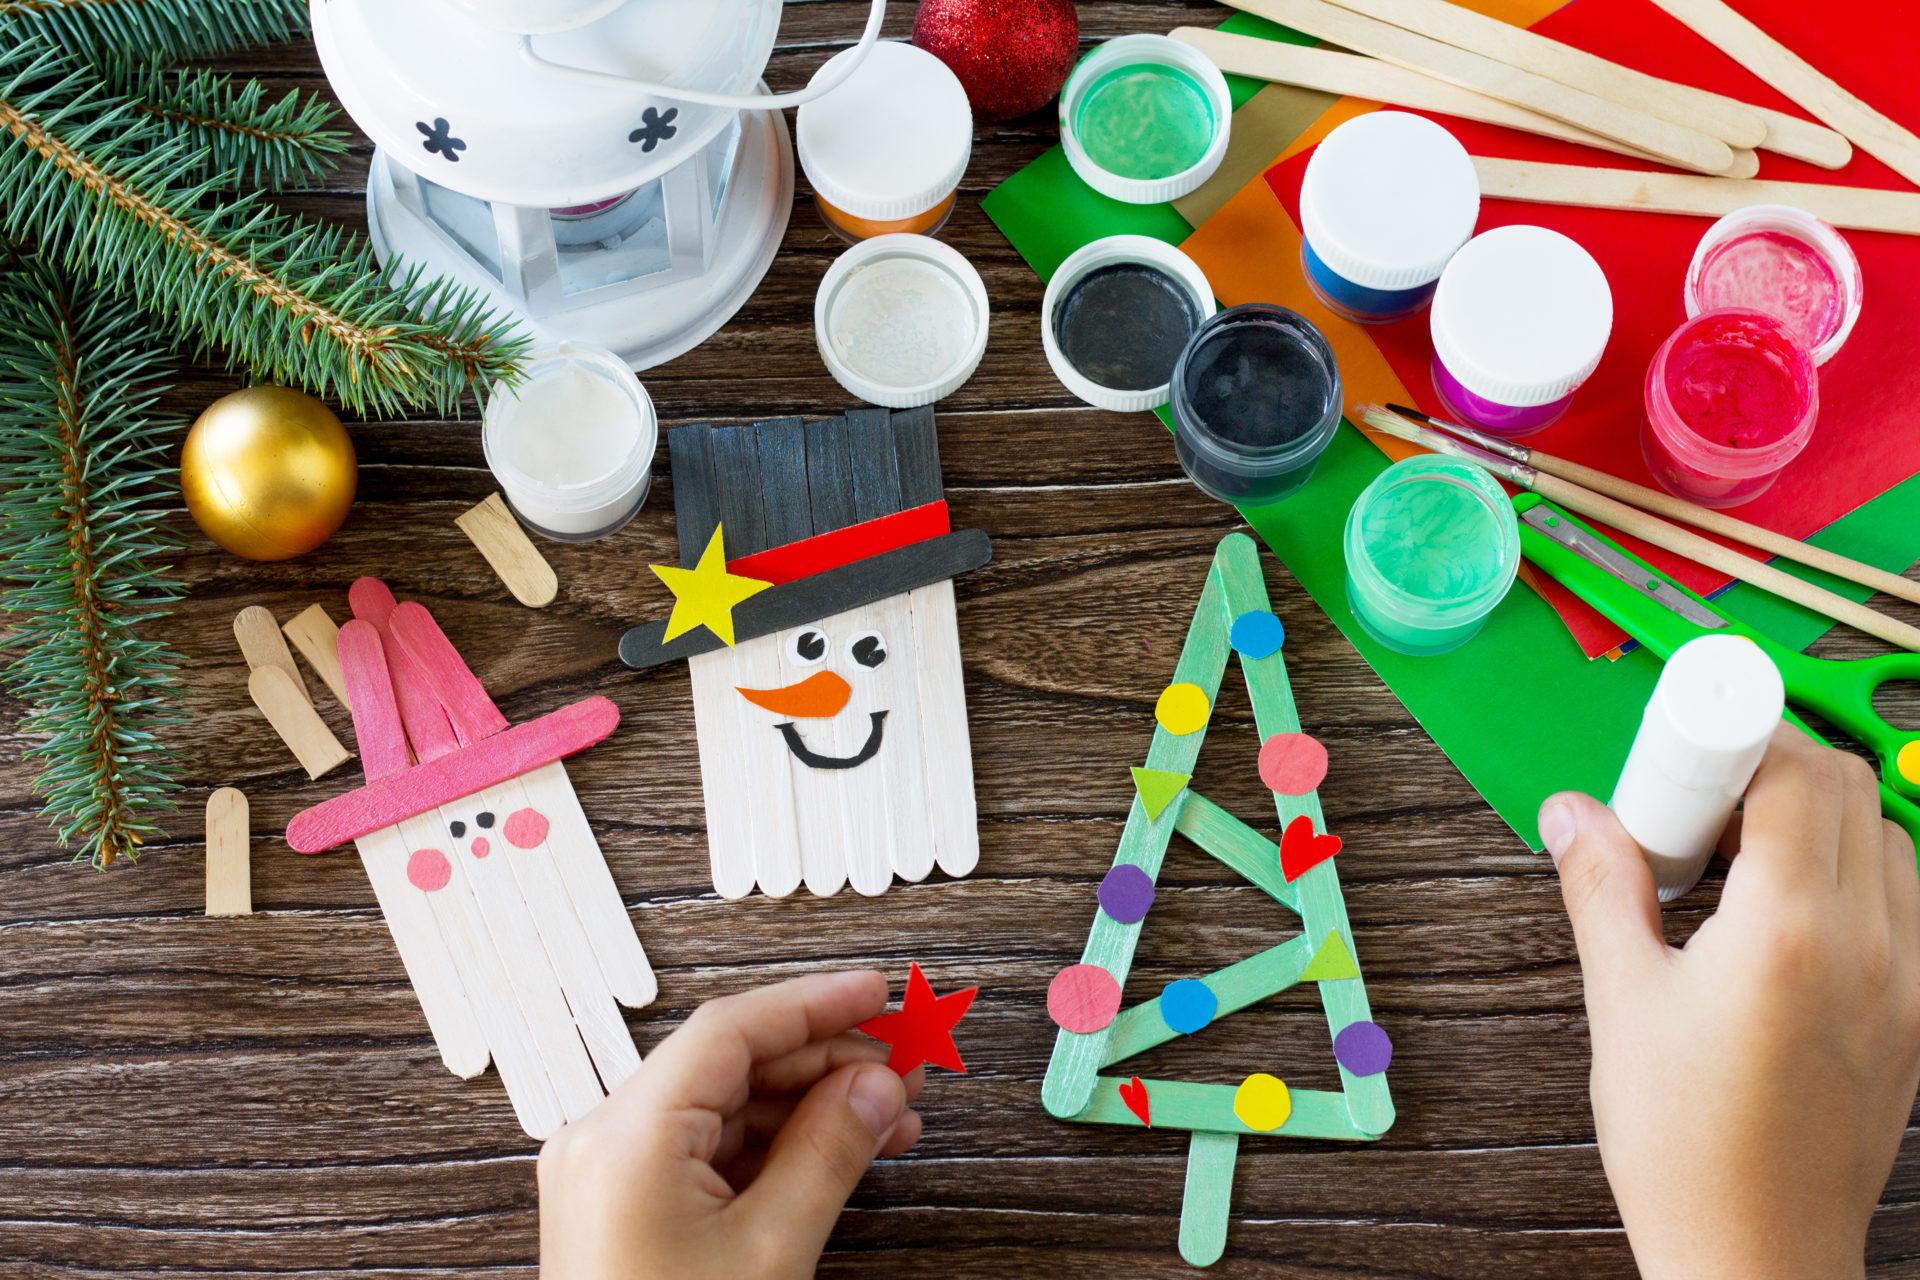 Décorer Son Sapin De Noël Avec Des Objets Fabriqués Par Les à Activité Manuelle Enfant 4 Ans